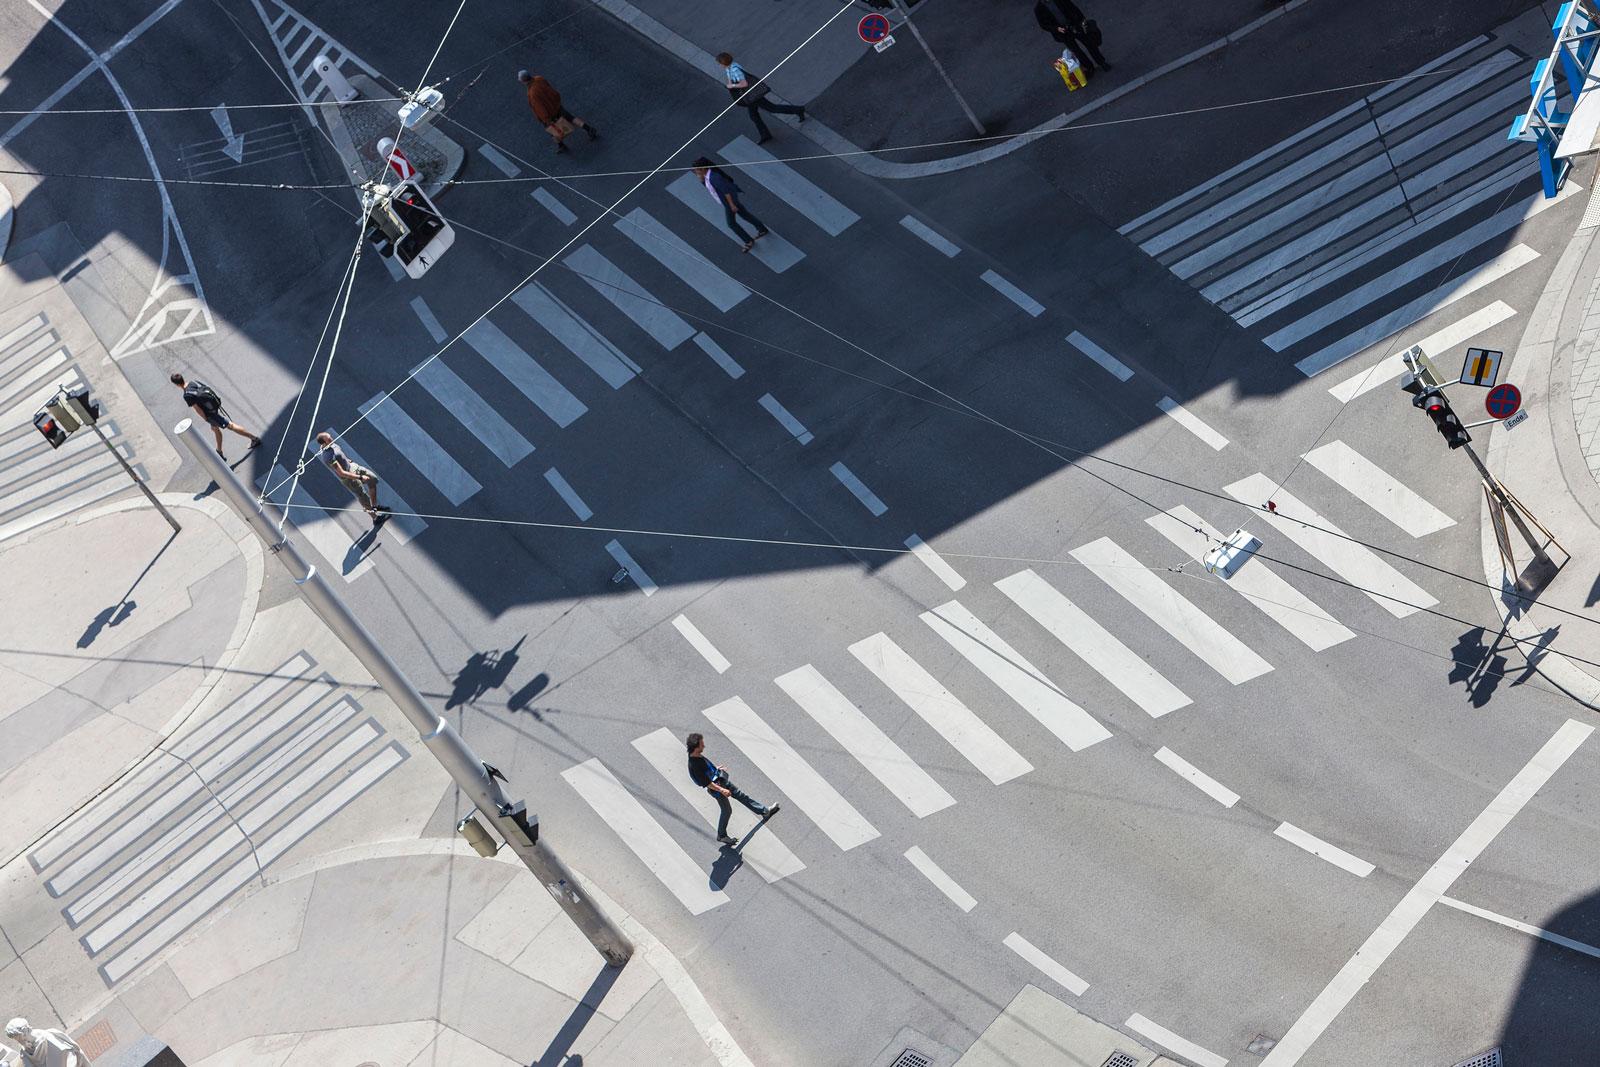 Zebrastreifen für Fußgänger: Radfahrer müssen in der Regel absteigen und schieben.